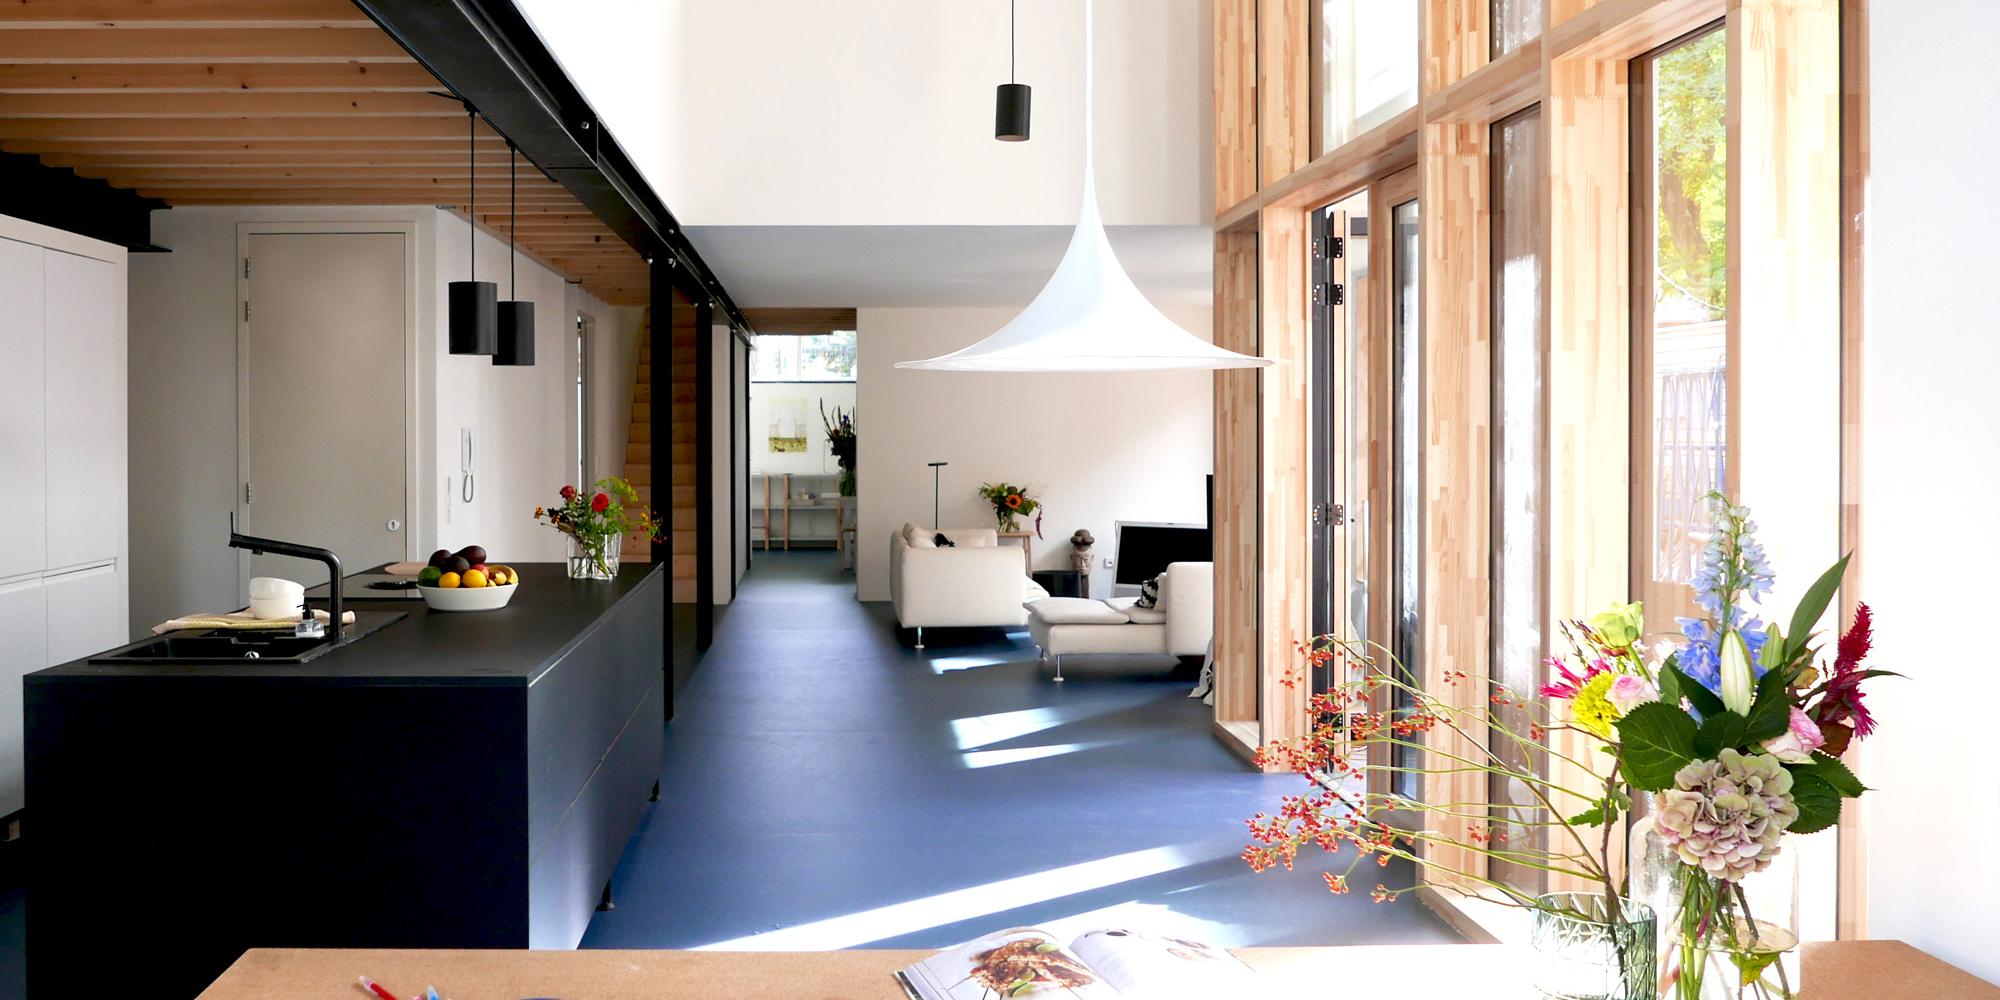 hergebruik_architectuur_maken_woonhuis_klushuis_circulair